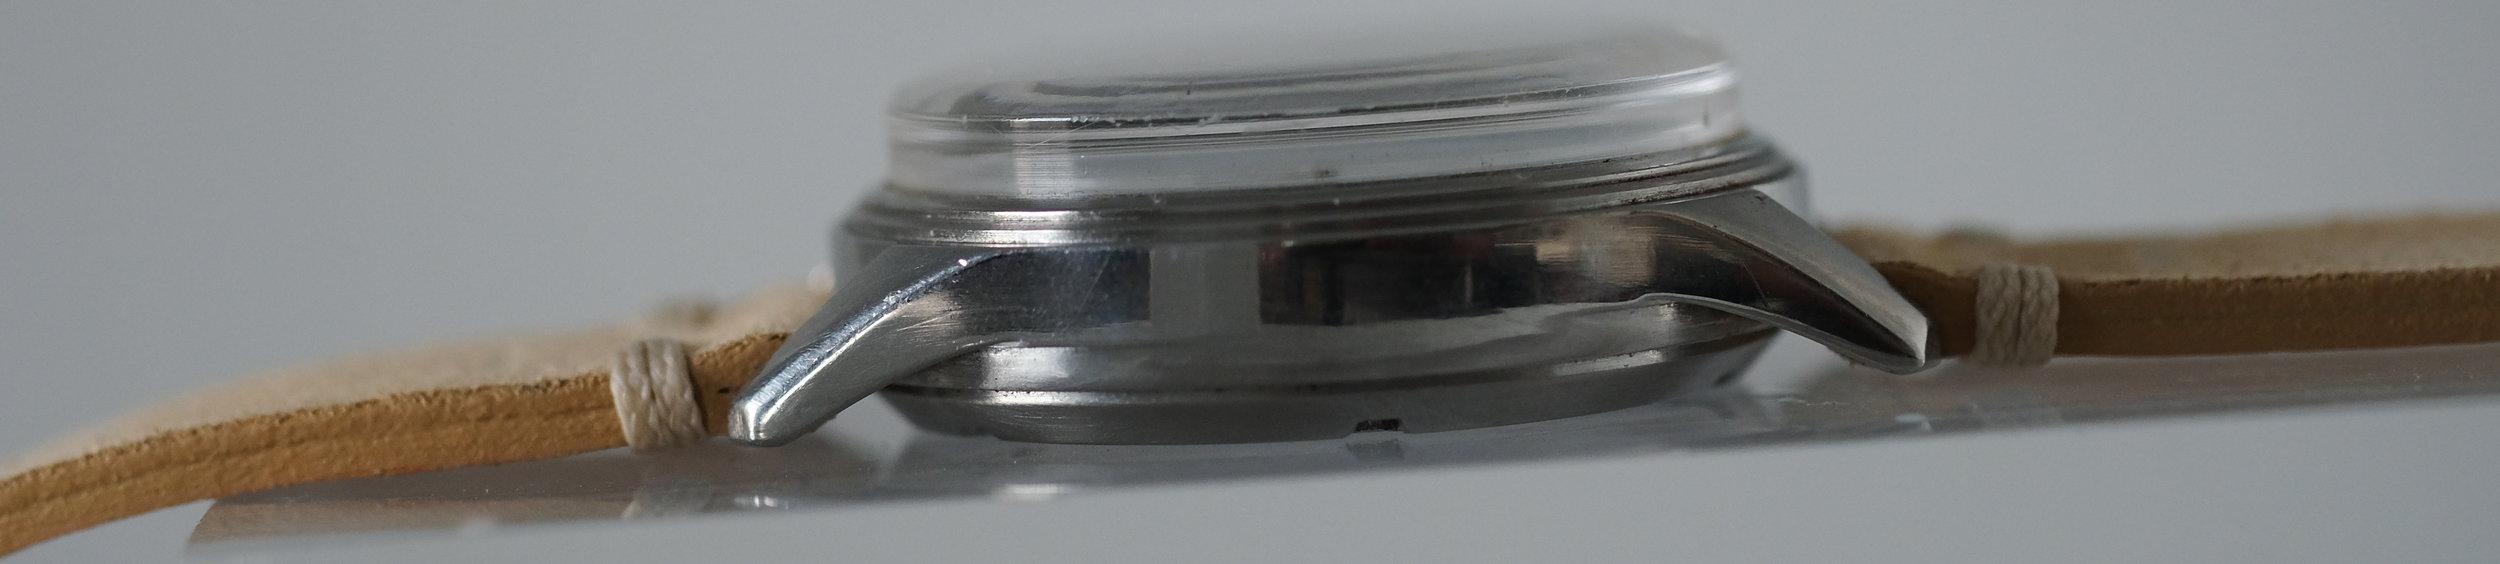 DSCF6872.JPG